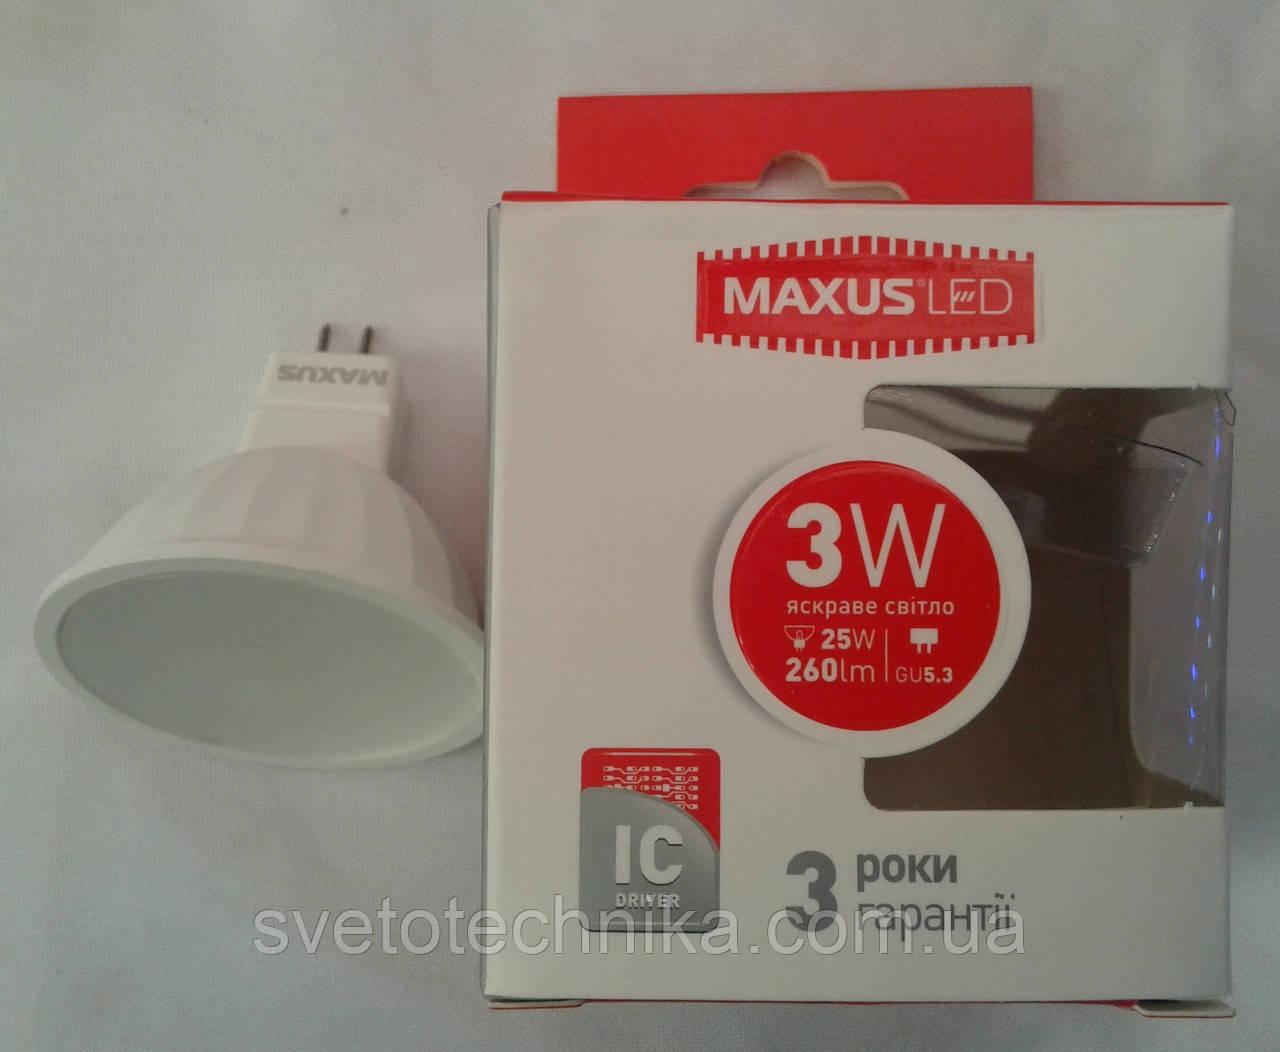 Светодиодная лампа Maxus LED-511 3W 3000К